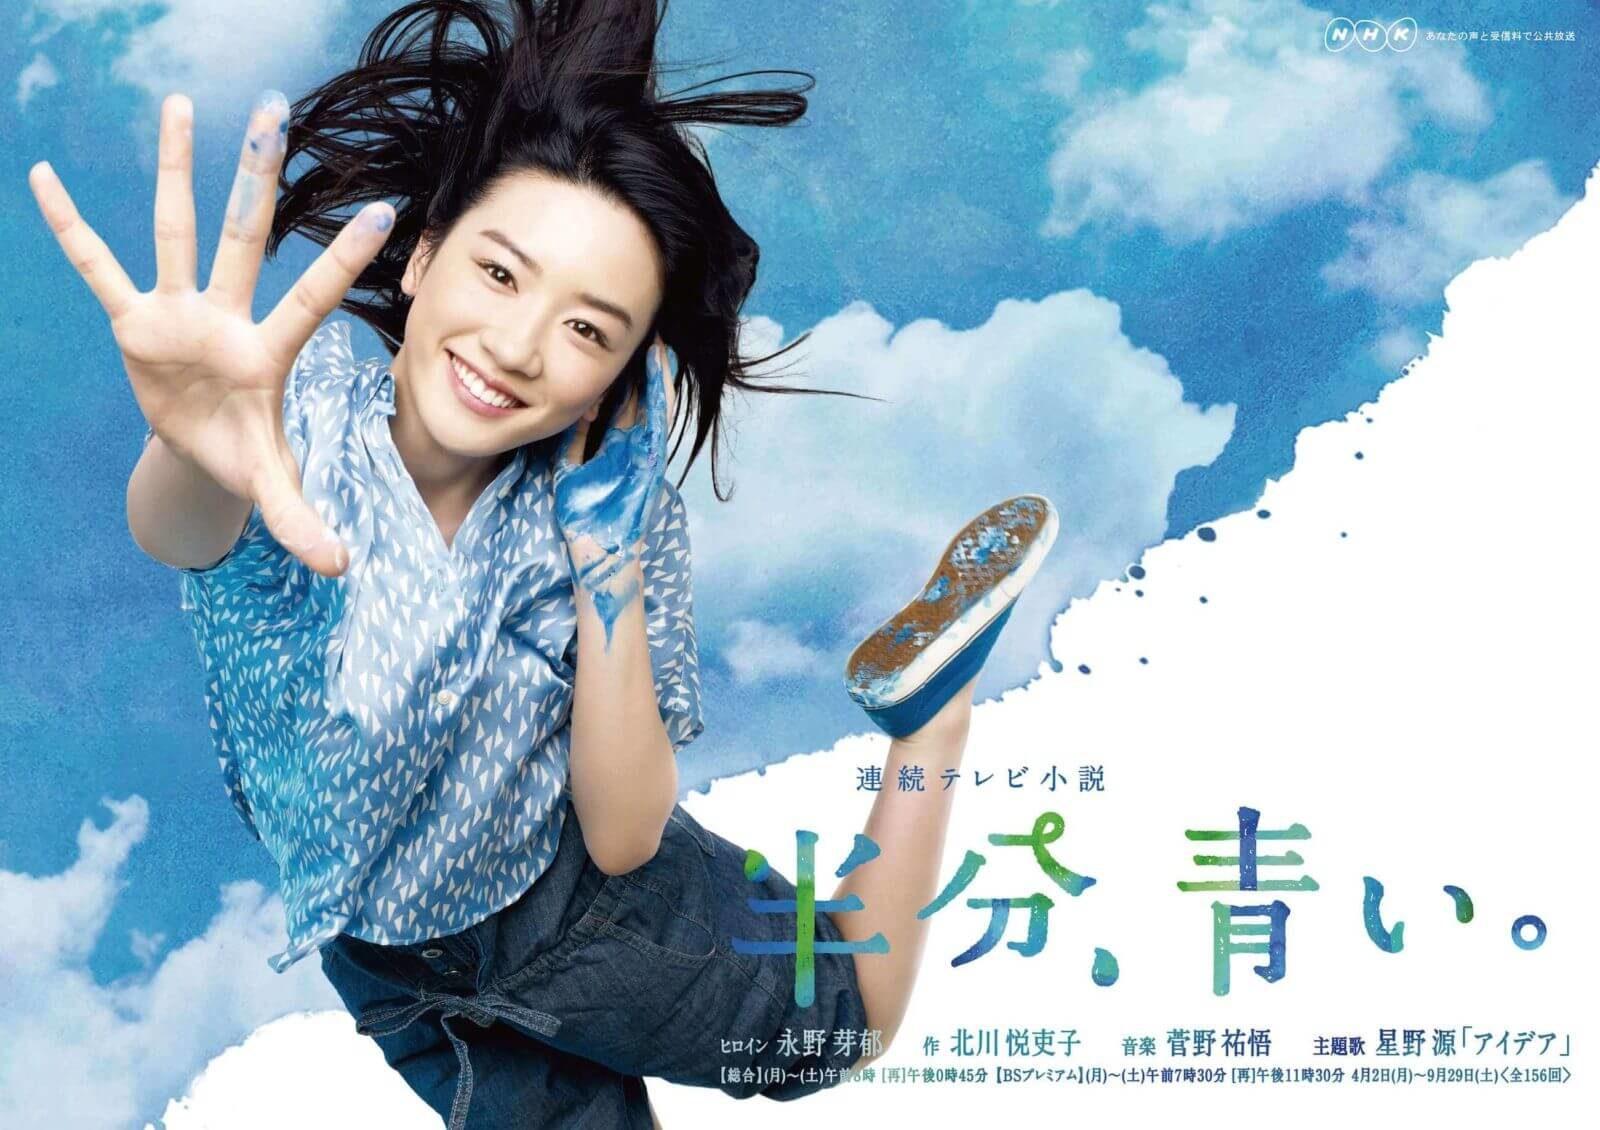 鈴愛と律がキス!『半分、青い。』最終週目前の展開に視聴者「びっくりした」サムネイル画像